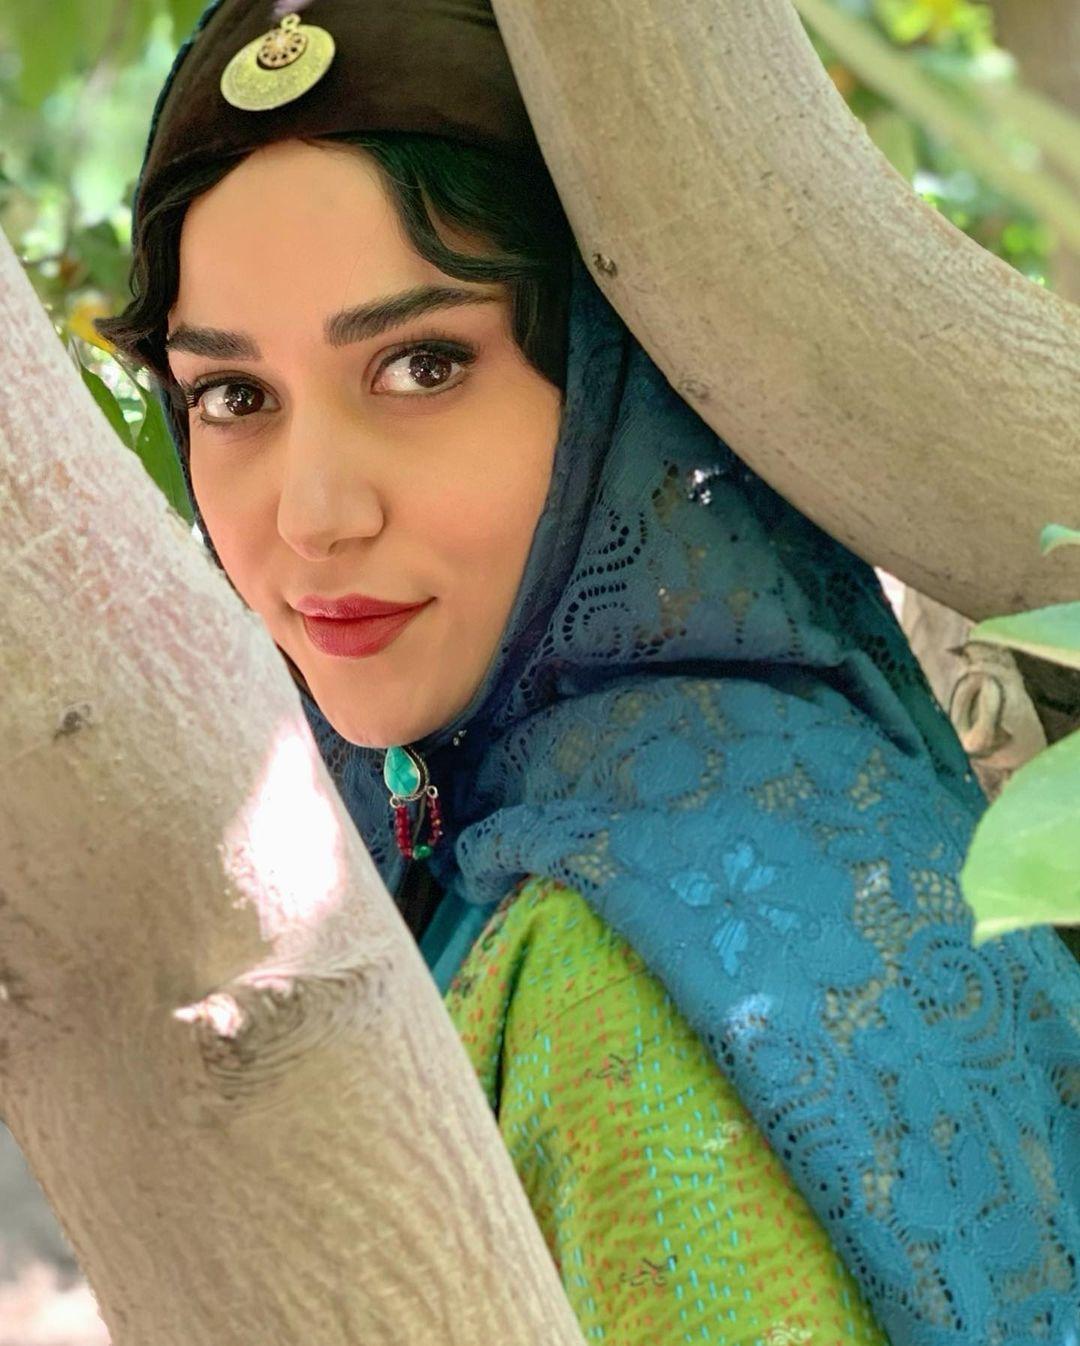 ازدواج پریناز ایزدیار، همسر پریناز ایزدیار کیست